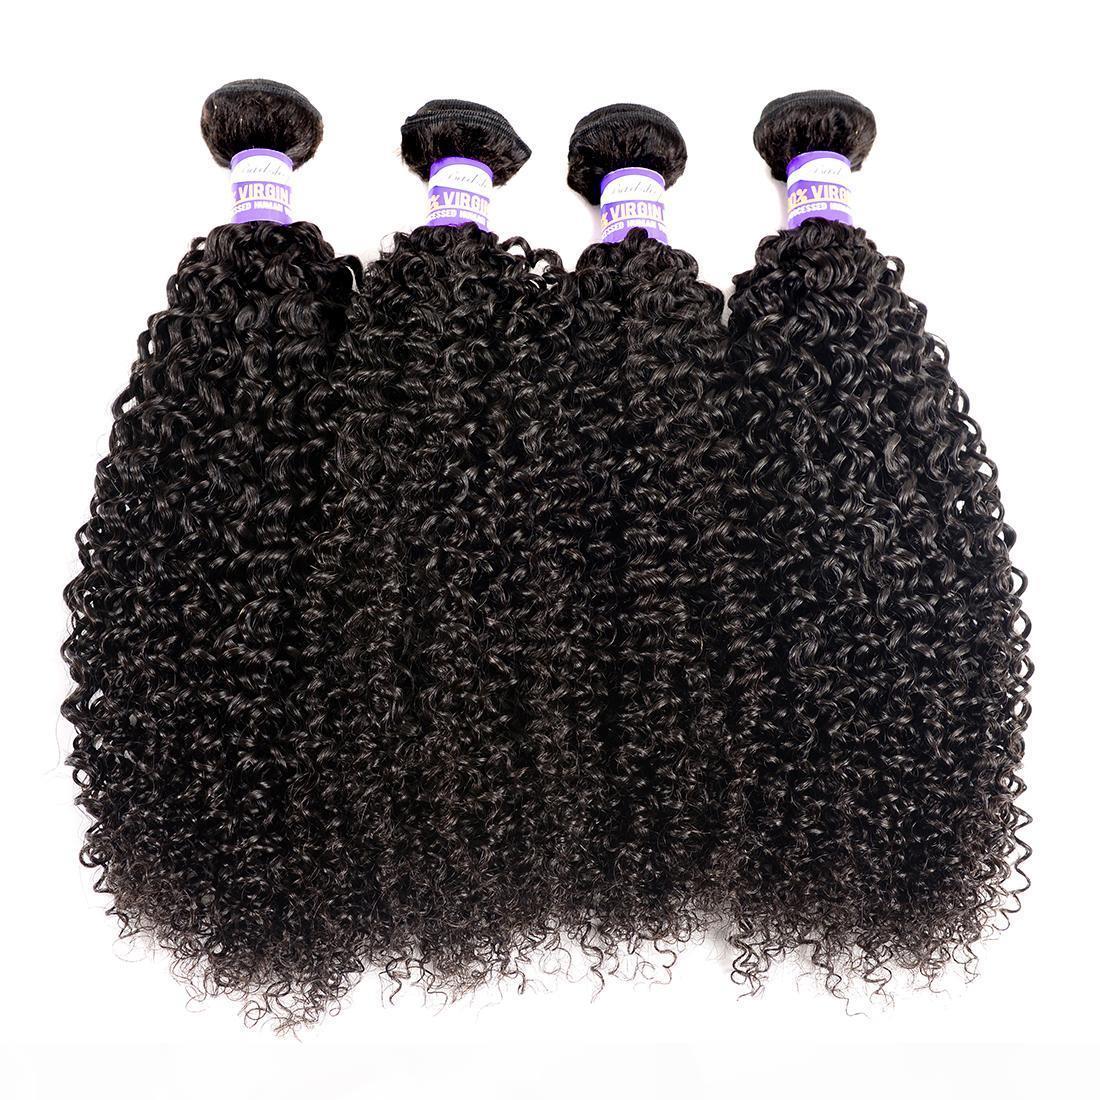 9A Brezilyalı İnsan Saç Kinky Kıvırcık Bakire Saç 3 4 Demetleri Kinky Kıvırcık İnsan Saç Uzantıları